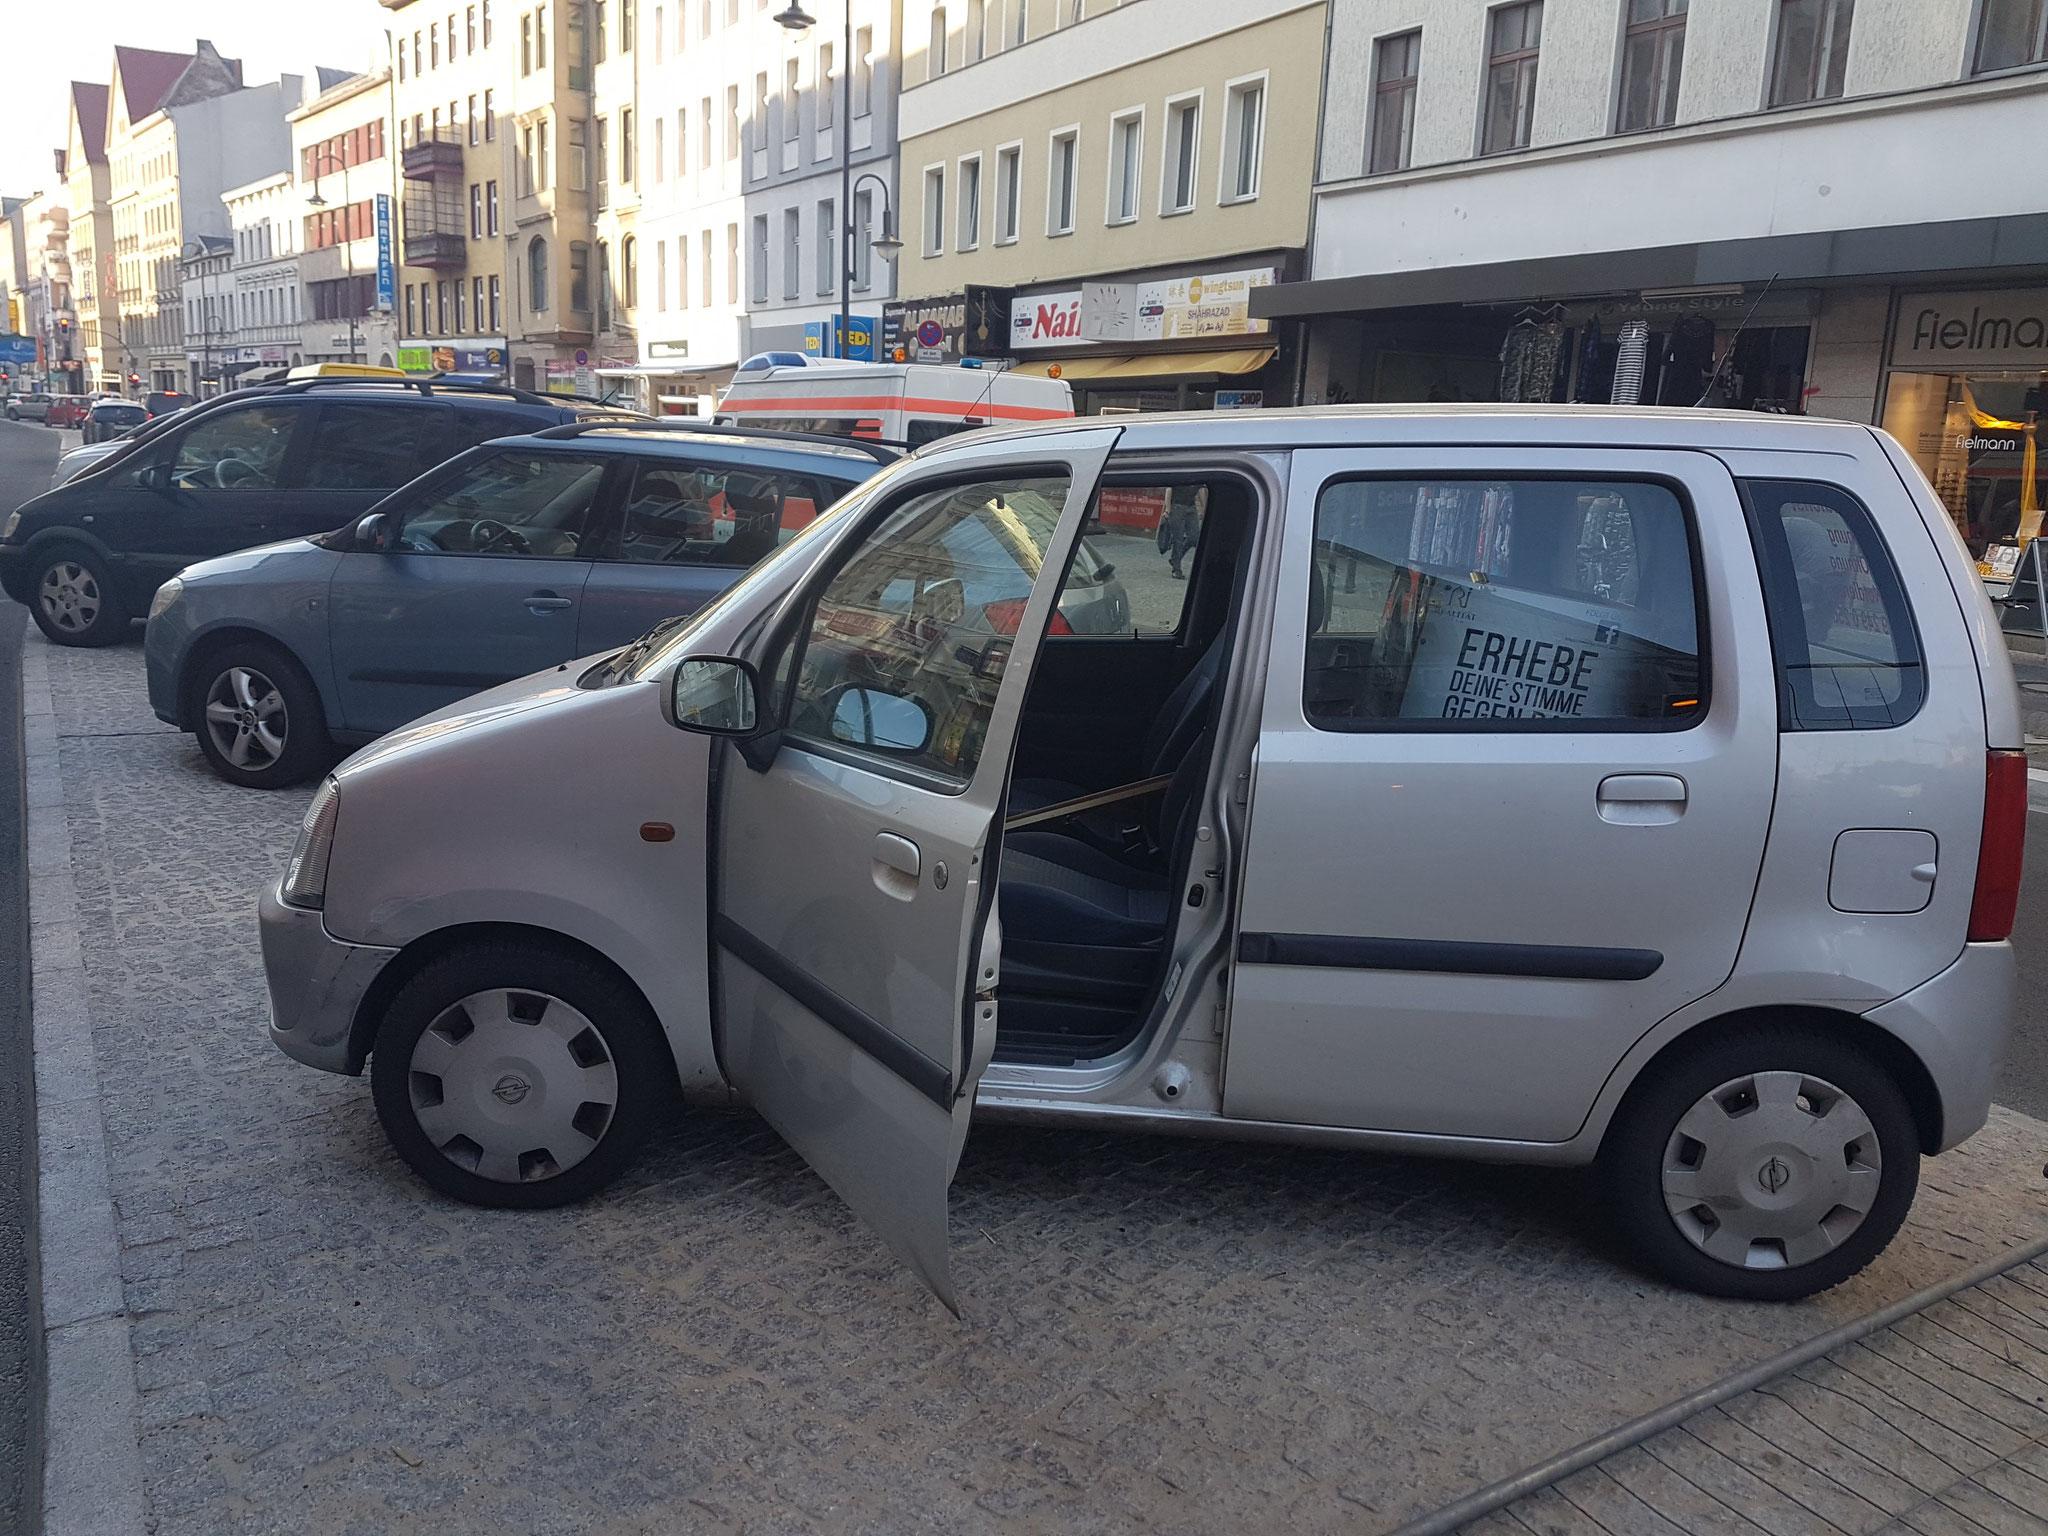 Autotür Öffnungen